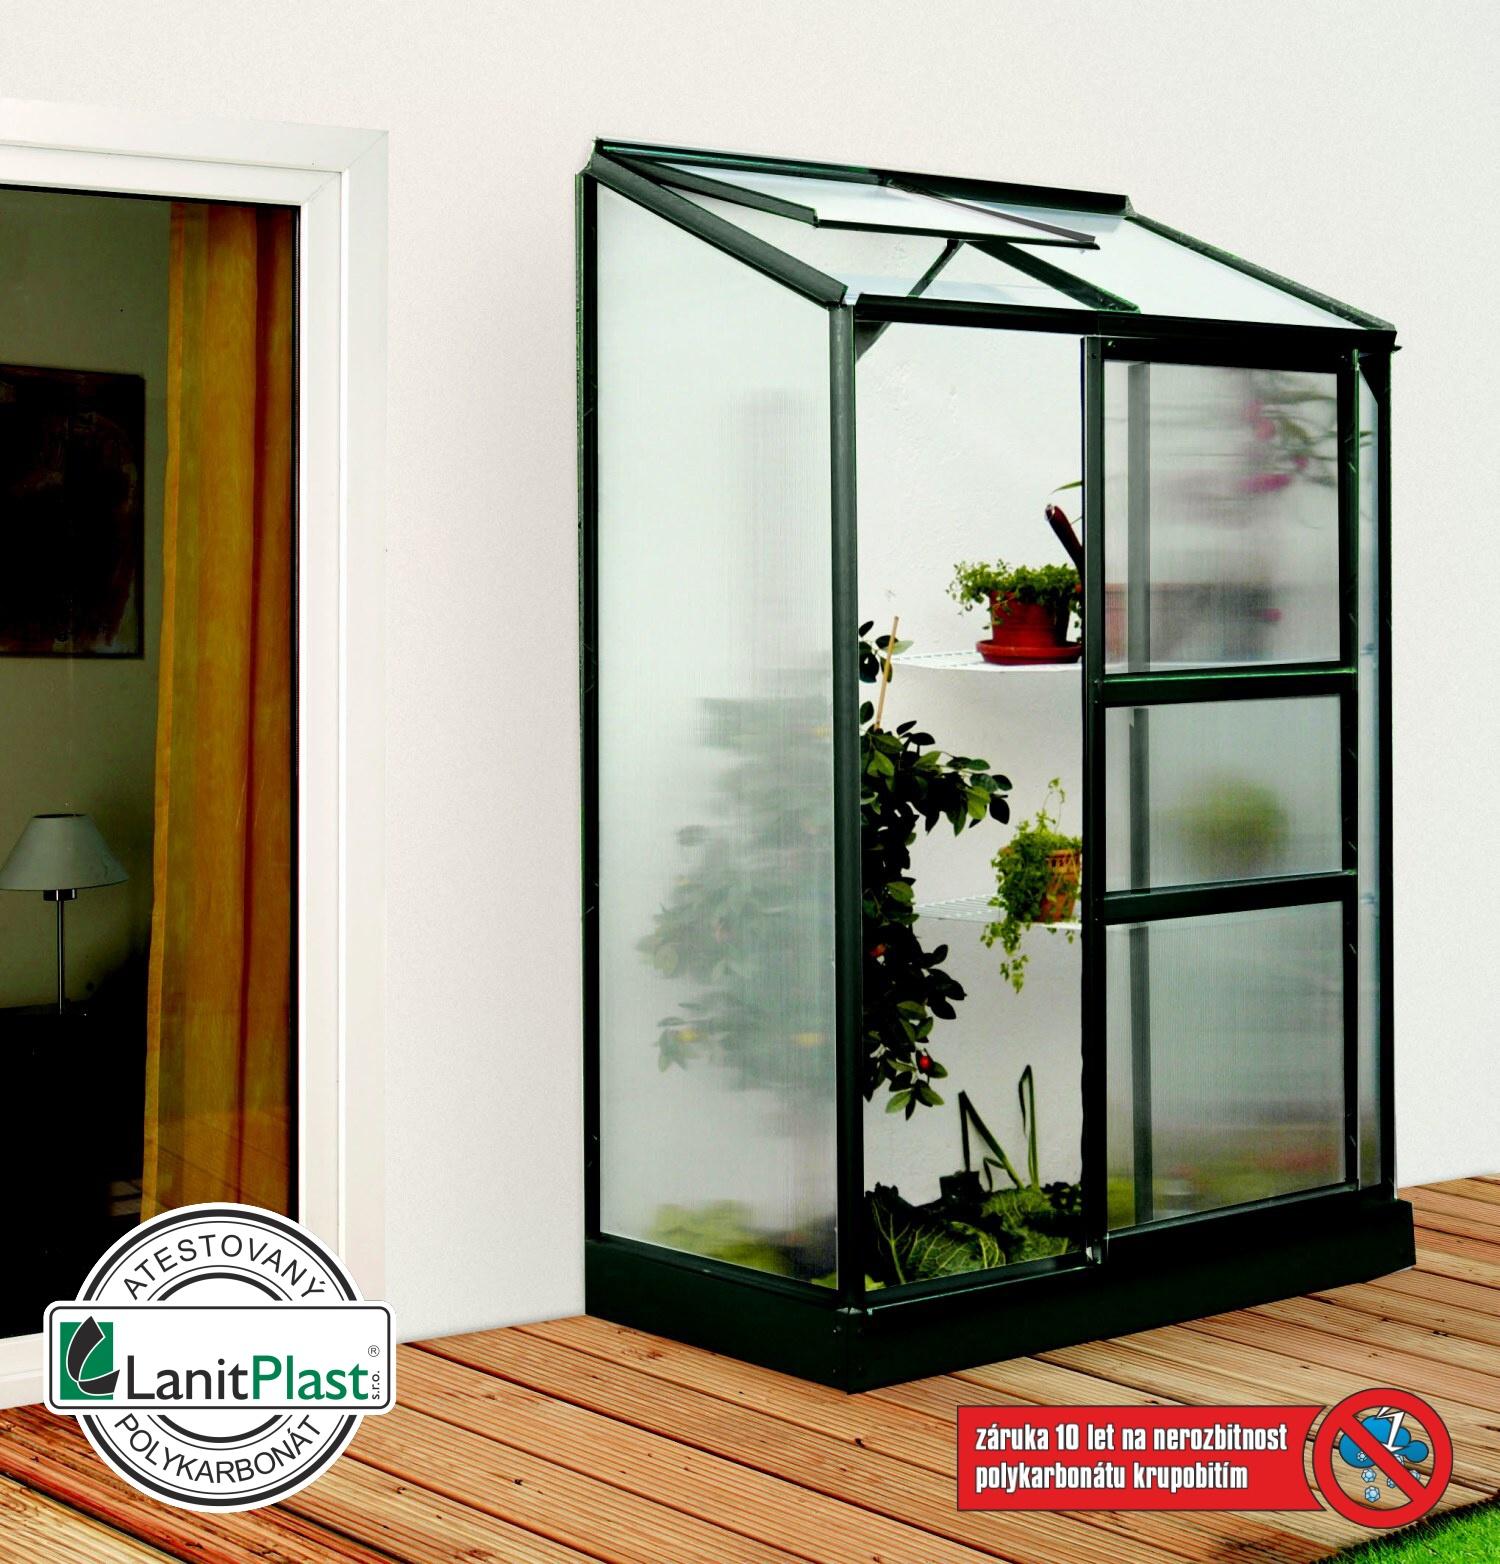 Vitavia Garden Skleník Vitavia IDA 900 PC 6 mm zelený